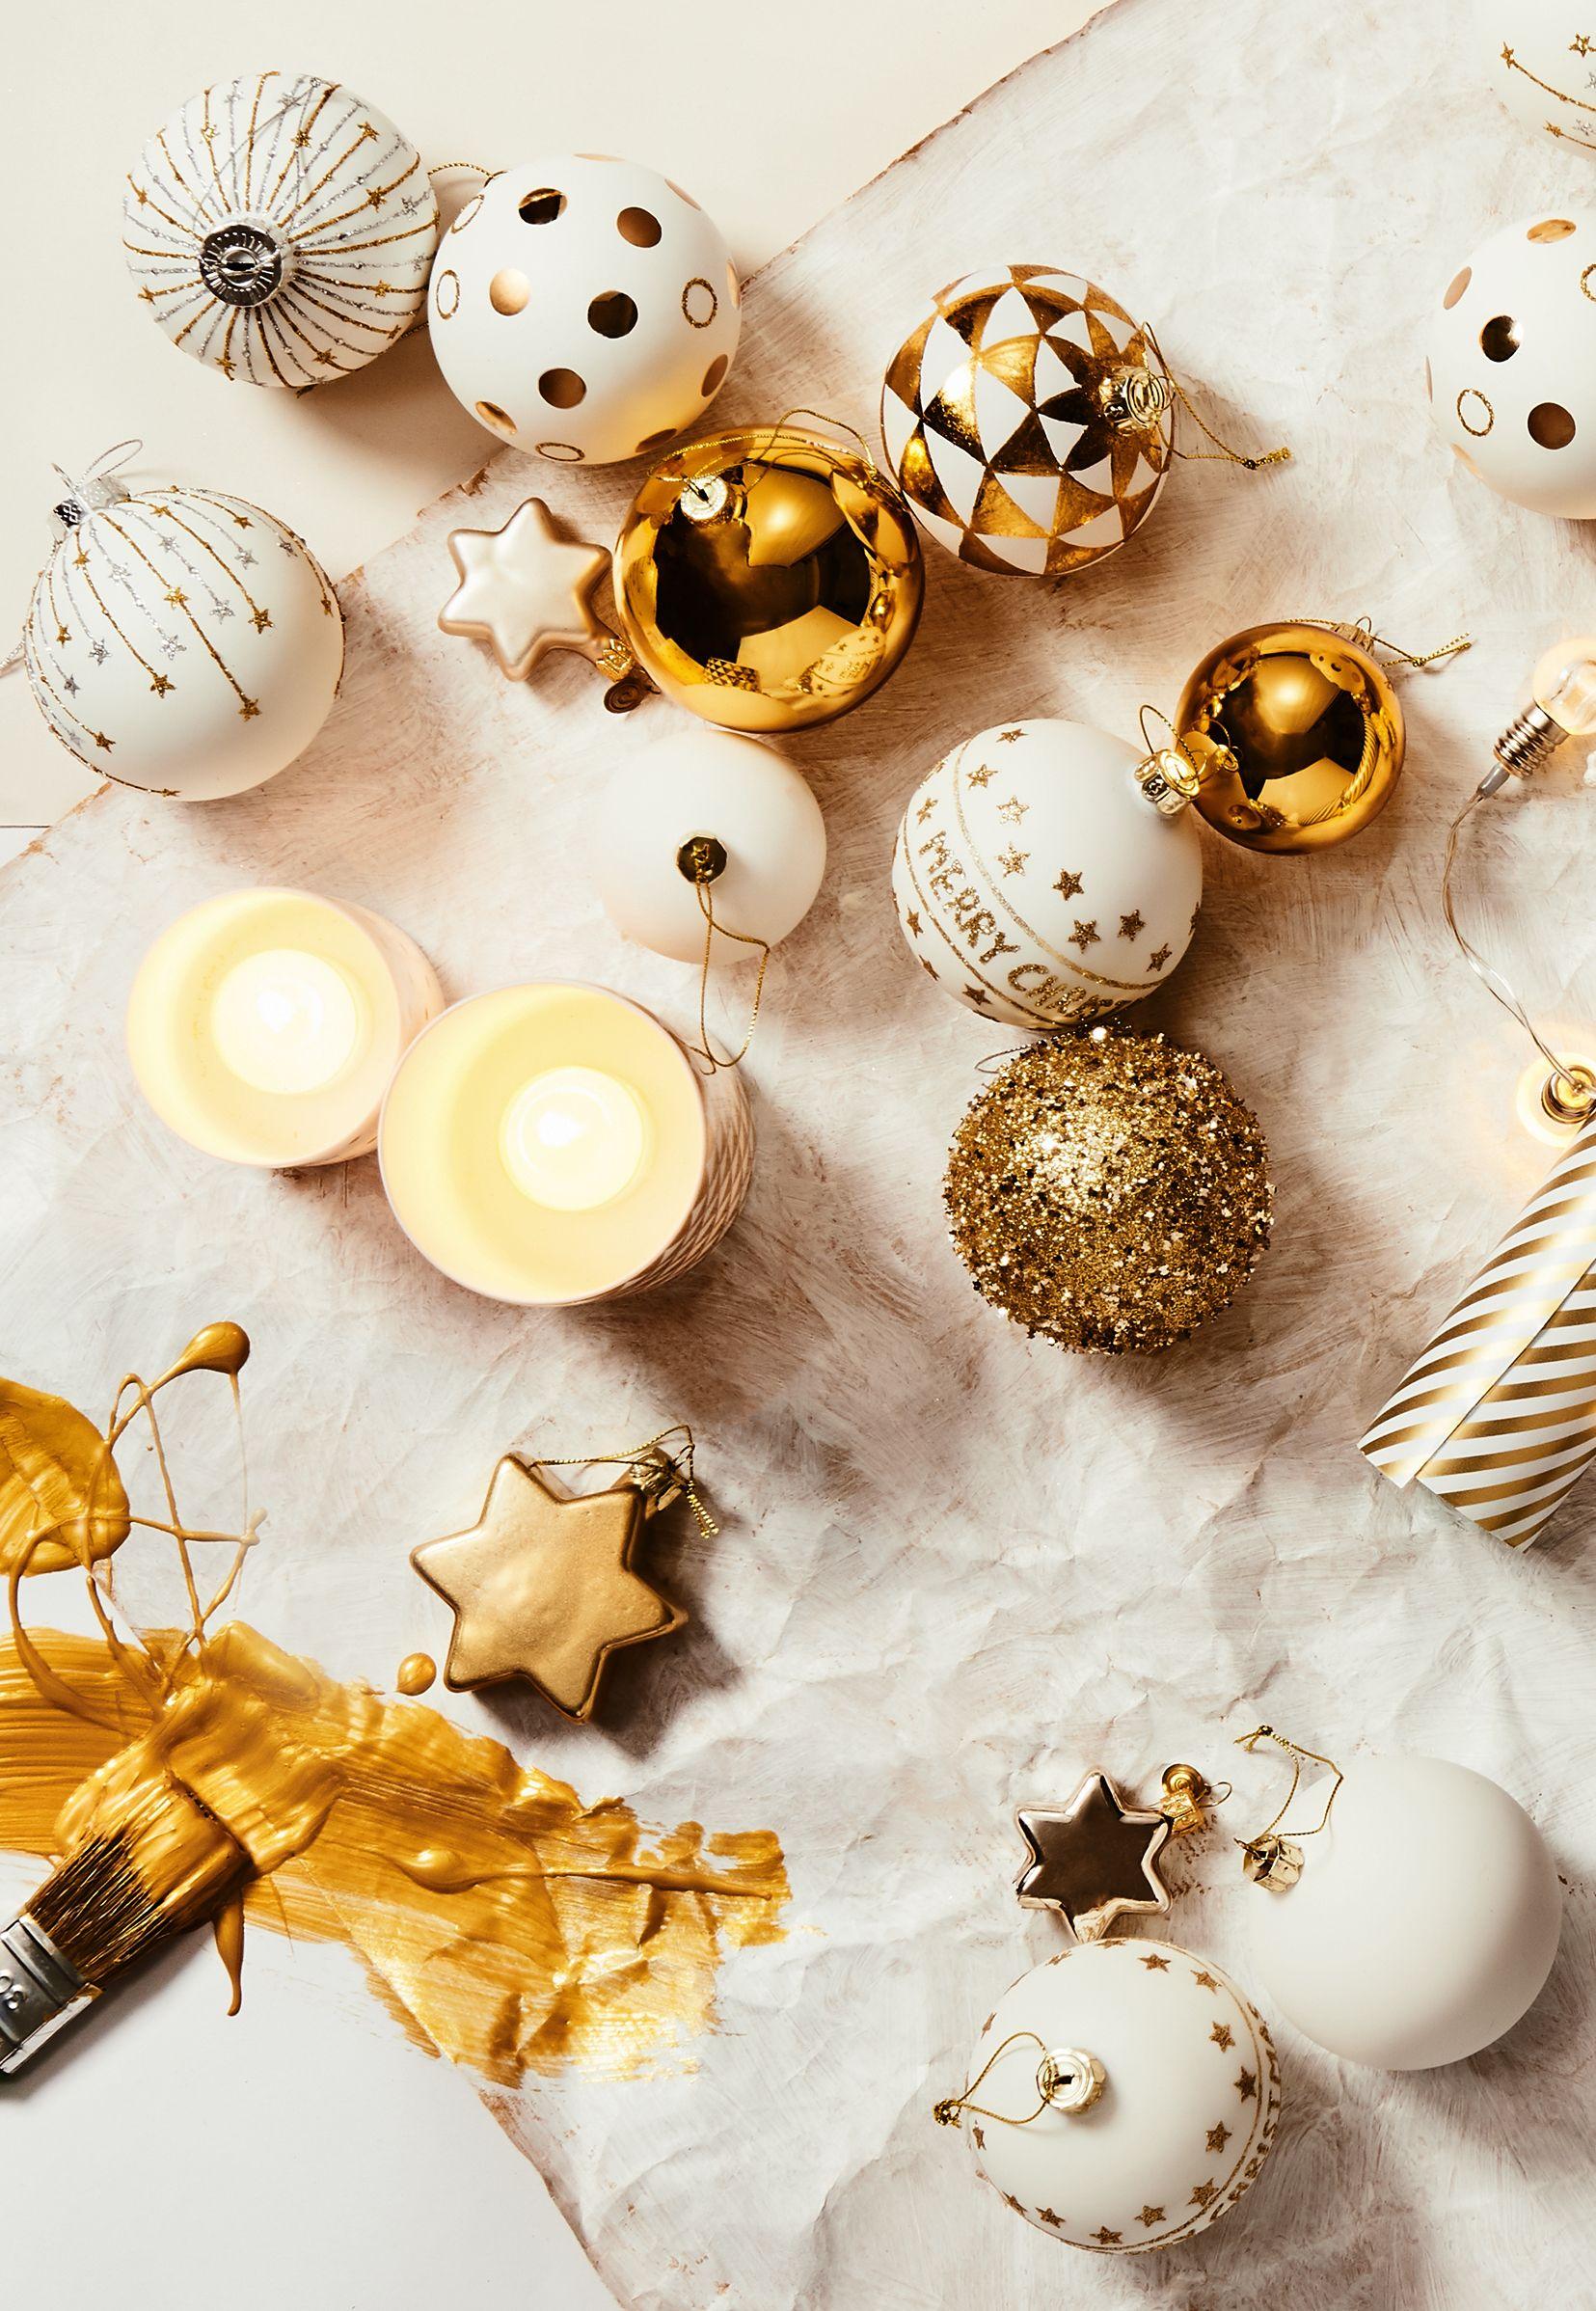 Butlers Christbaumkugeln.Weihnachtskugeln In Weiß Und Gold Von Butlers Klassischer